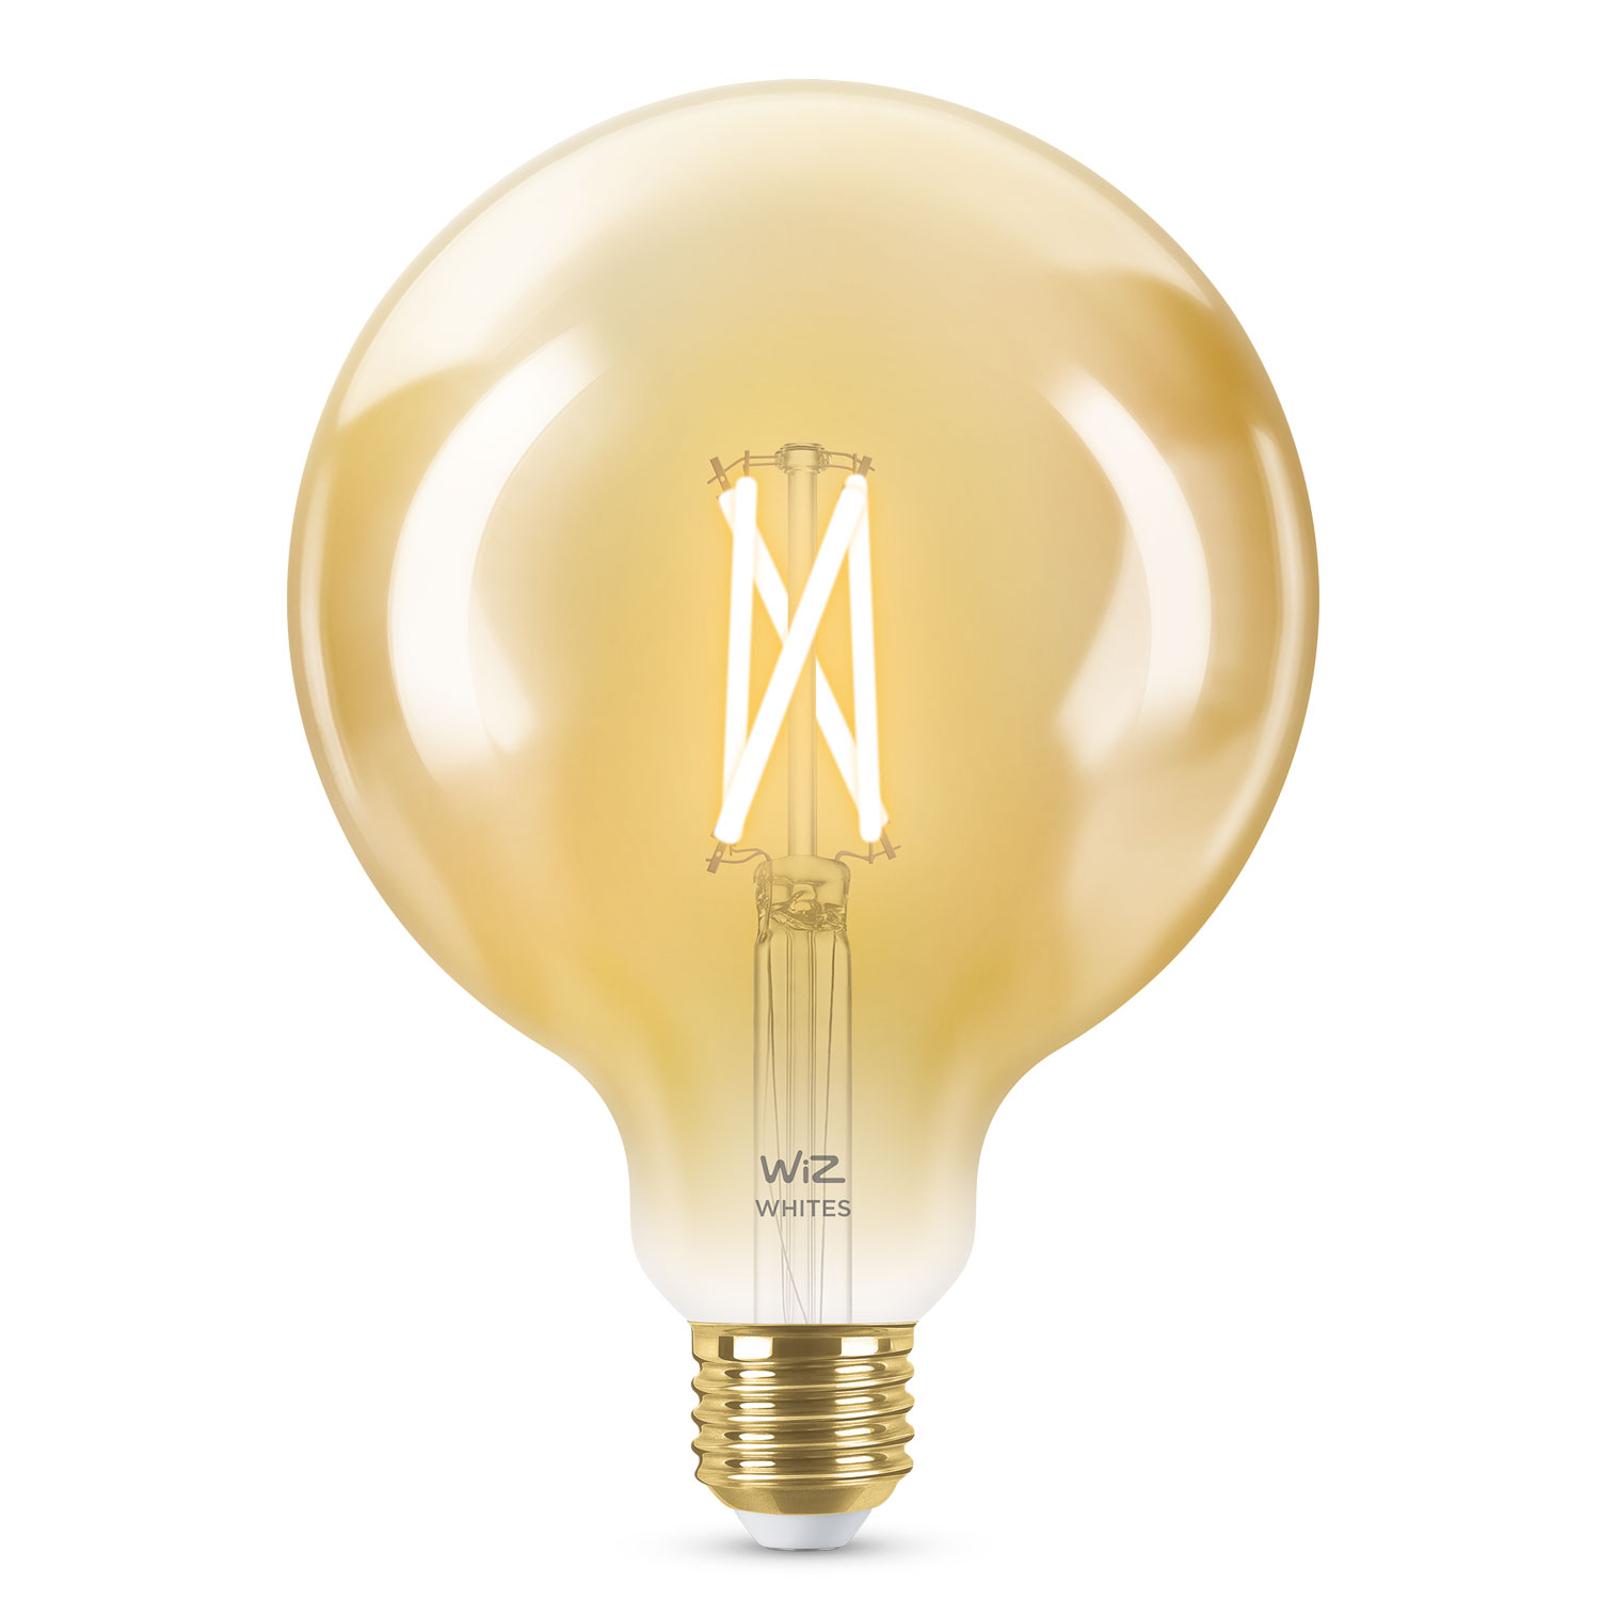 WiZ E27 LED G95 filament ravgul 6,5 W 2000-4500 K